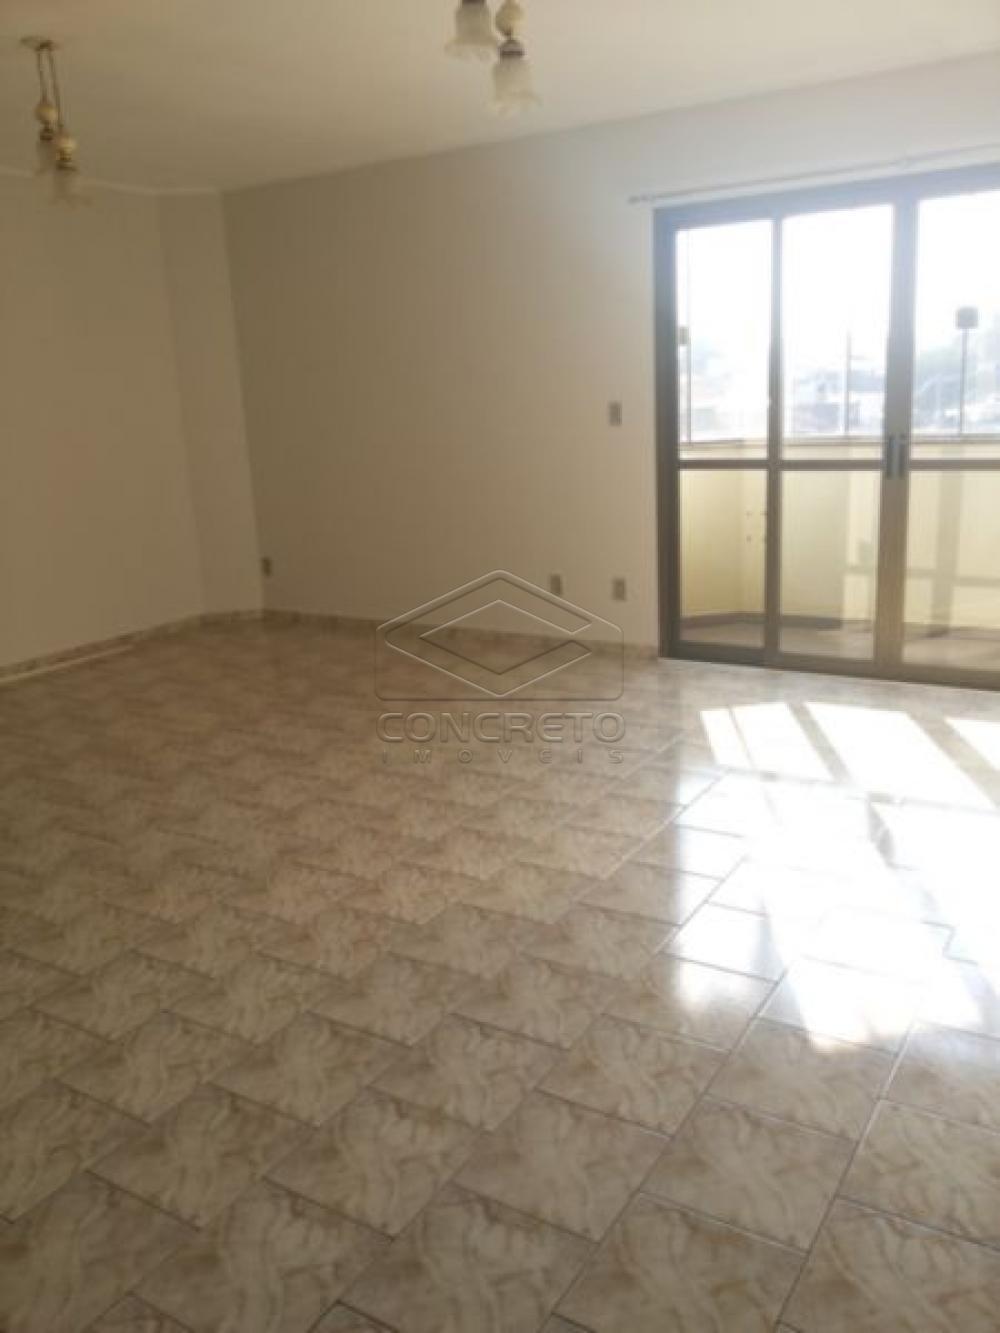 Alugar Apartamento / Padrão em Botucatu R$ 1.170,00 - Foto 12